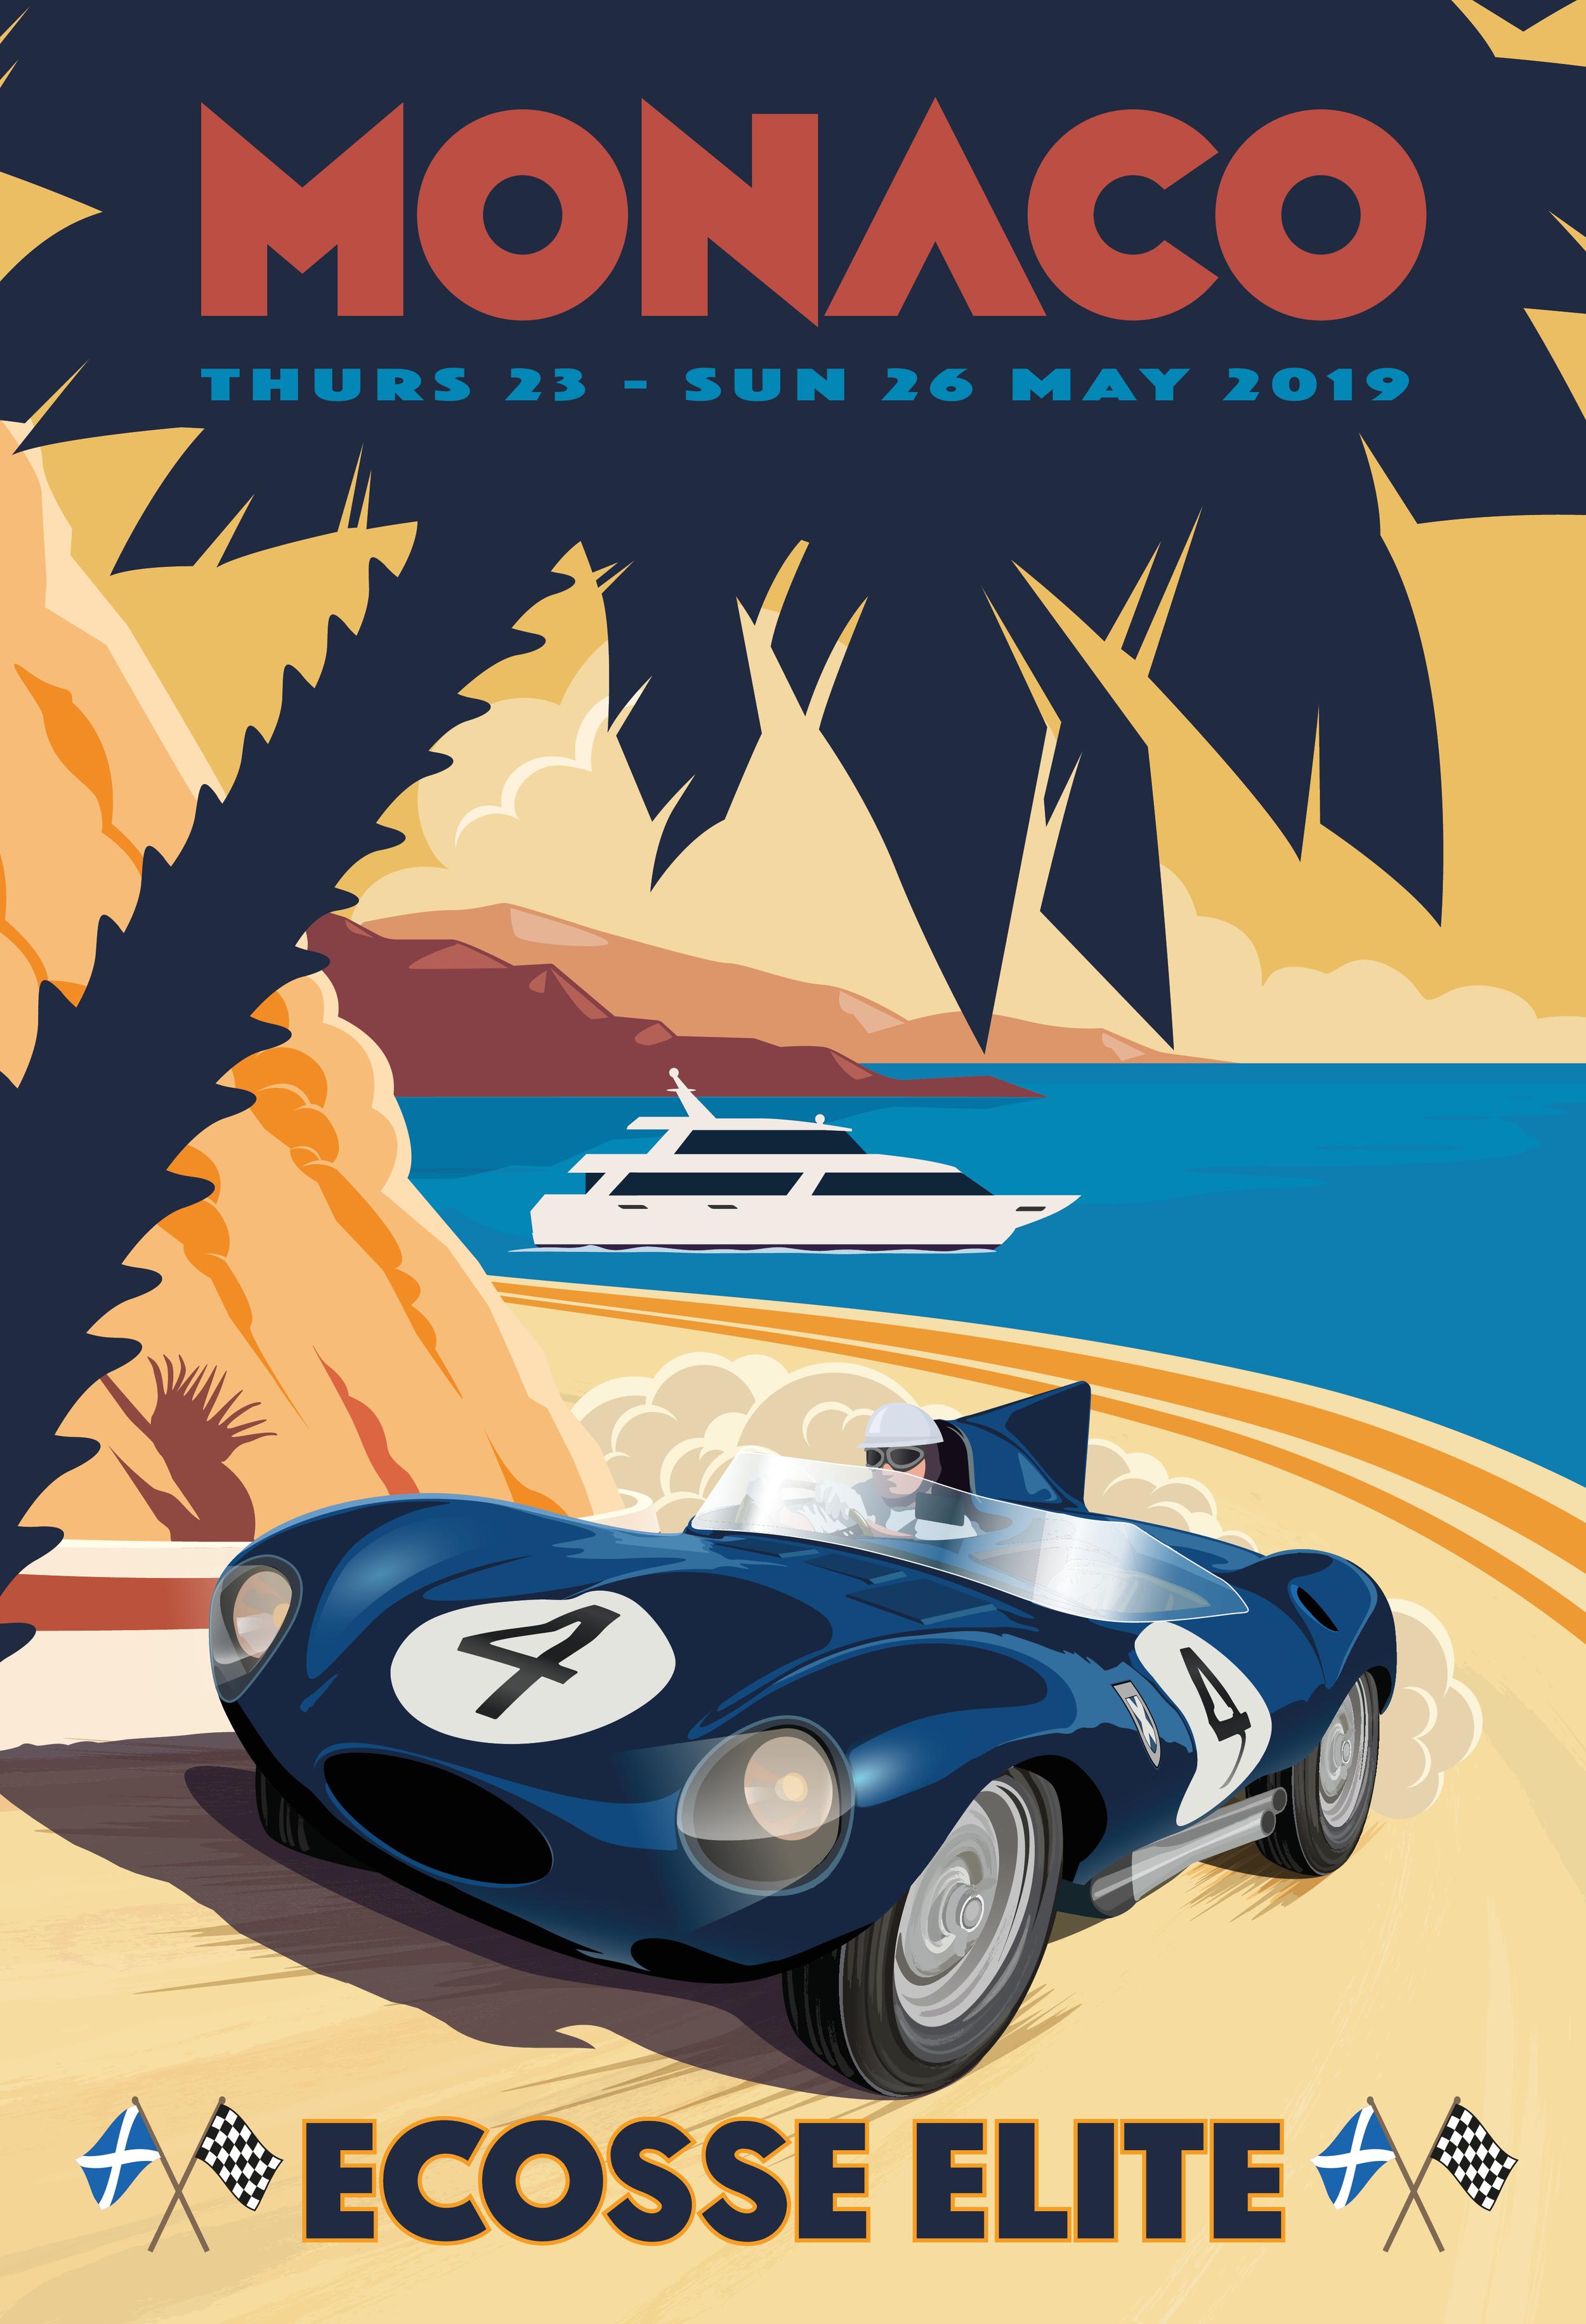 Ecosse Elite Monaco Poster .png